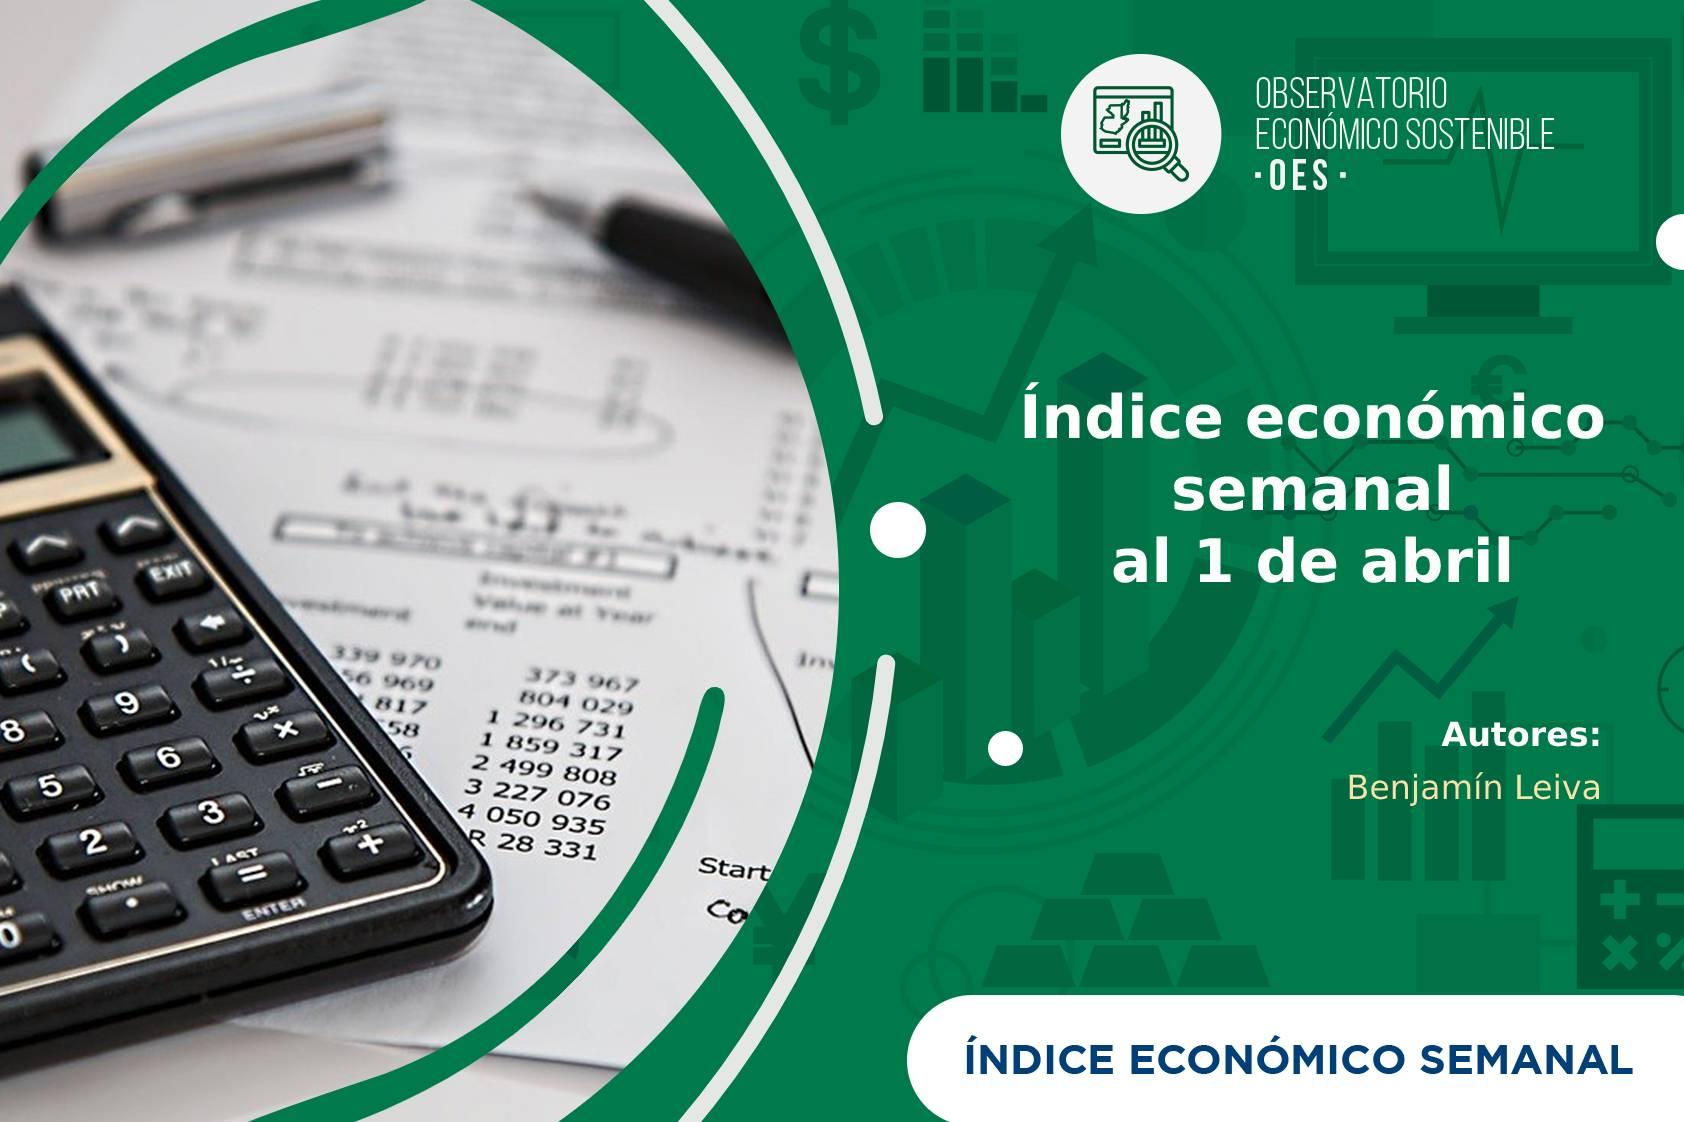 Importante aumento en el IES al 1 de abril